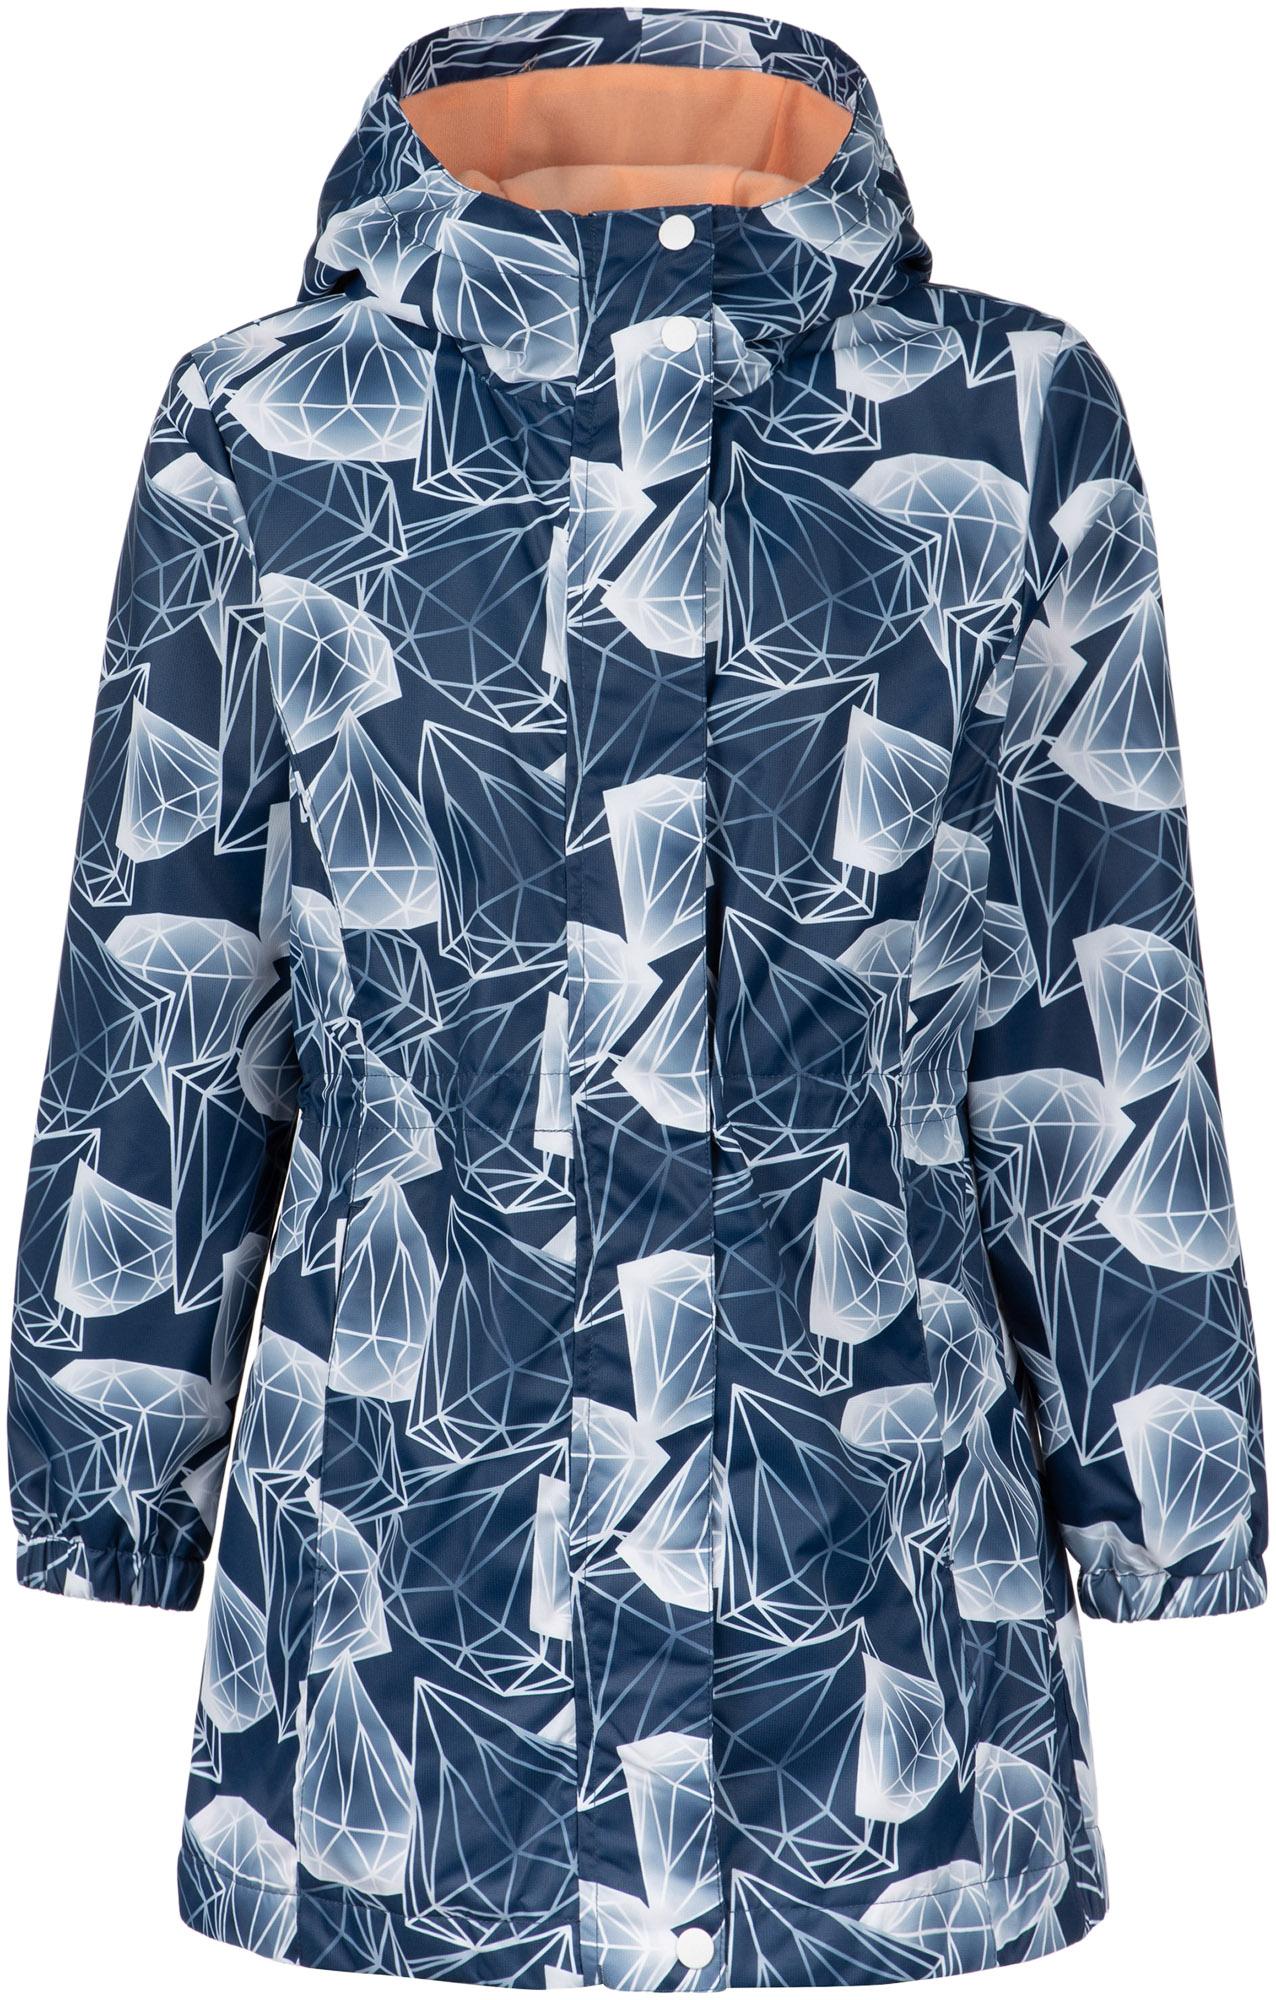 Luhta Куртка для девочек Luhta Louhela, размер 164 куртка утепленная luhta luhta lu692ewcovk3